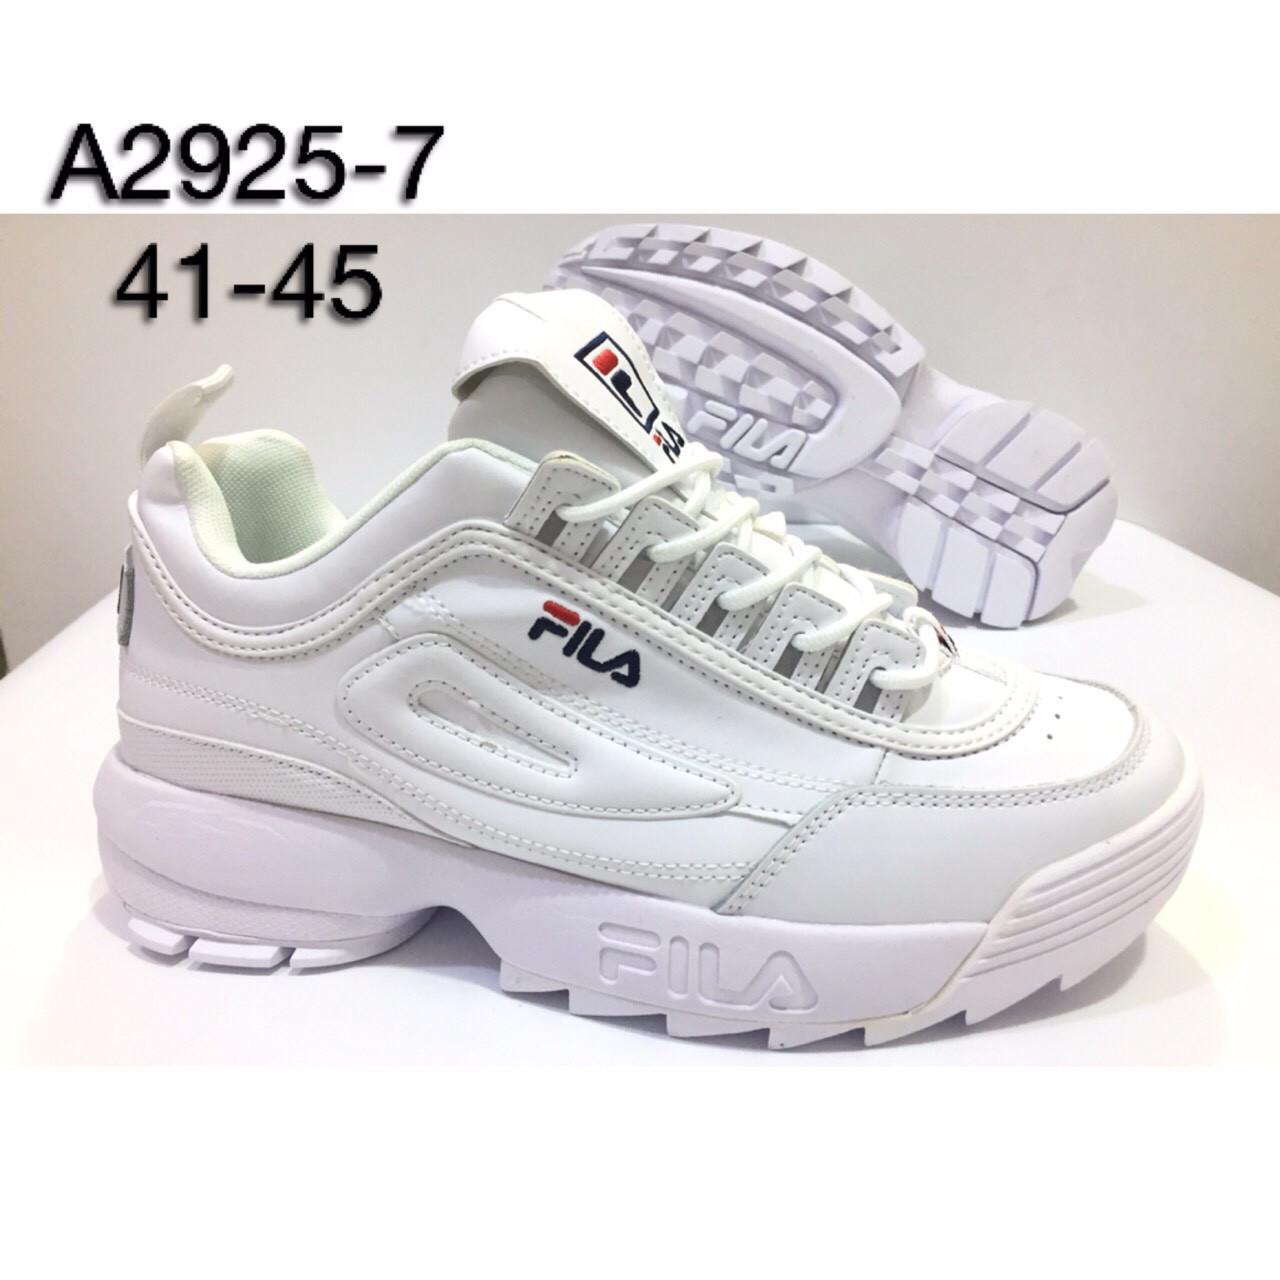 Мужские кроссовки FILA оптом (41-45)